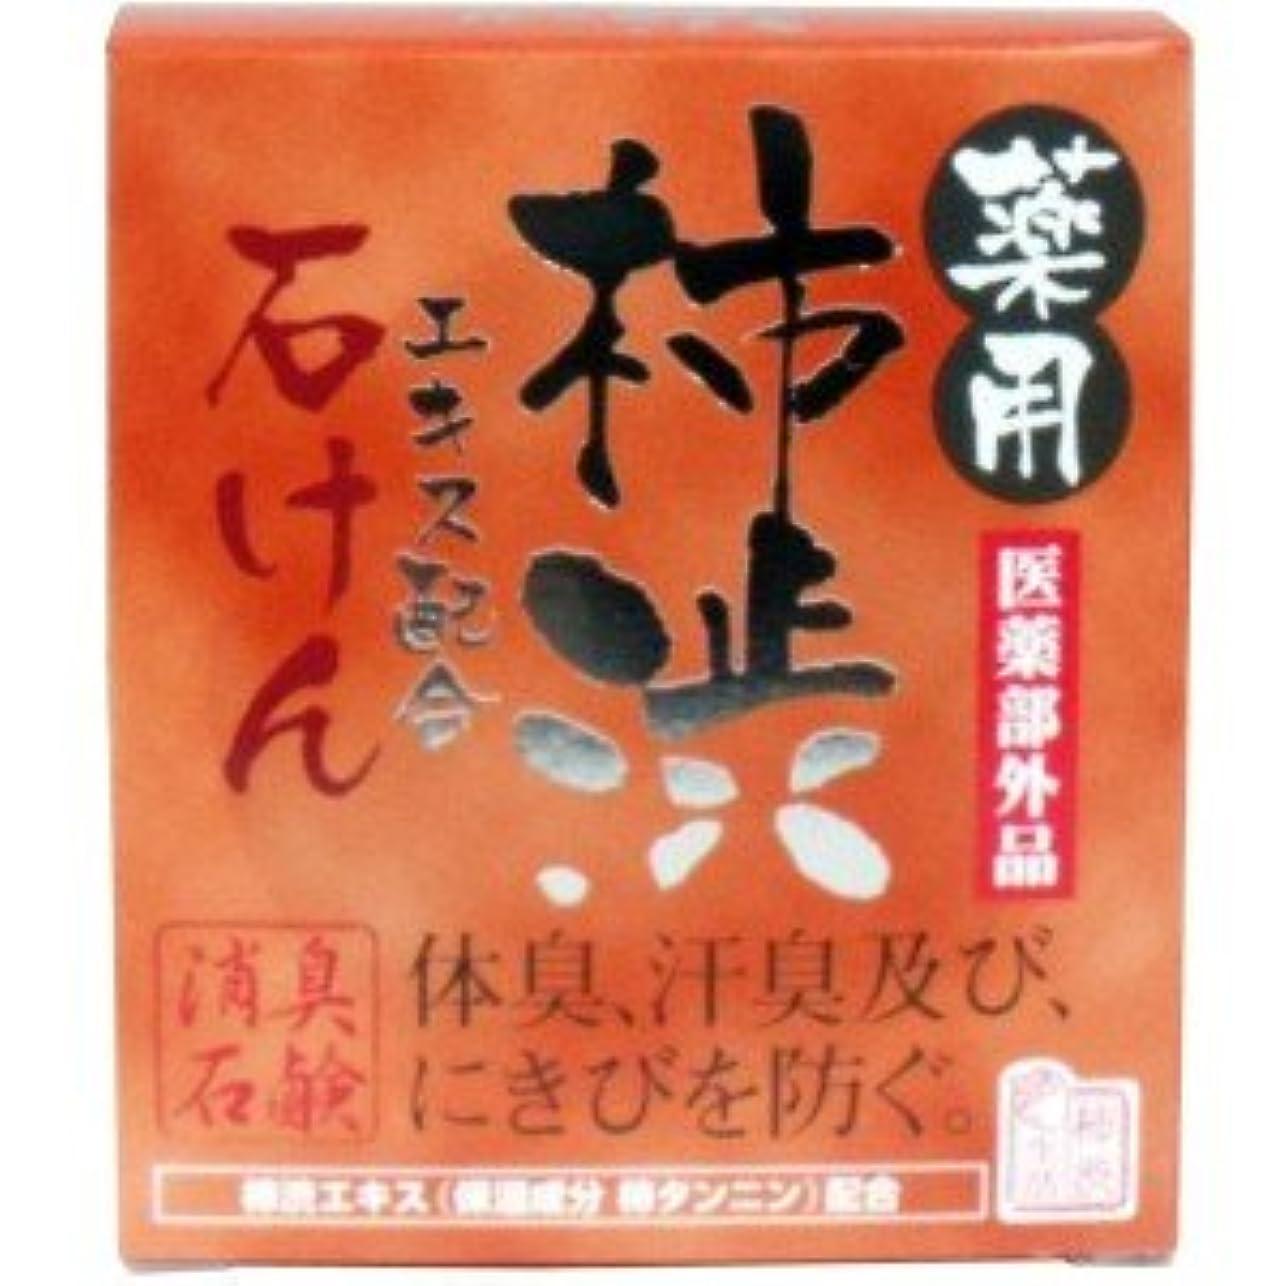 ジャンプ慰め研究(2017年春の新商品)(マックス)薬用 柿渋エキス配合石けん 100g(医薬部外品)(お買い得3個セット)